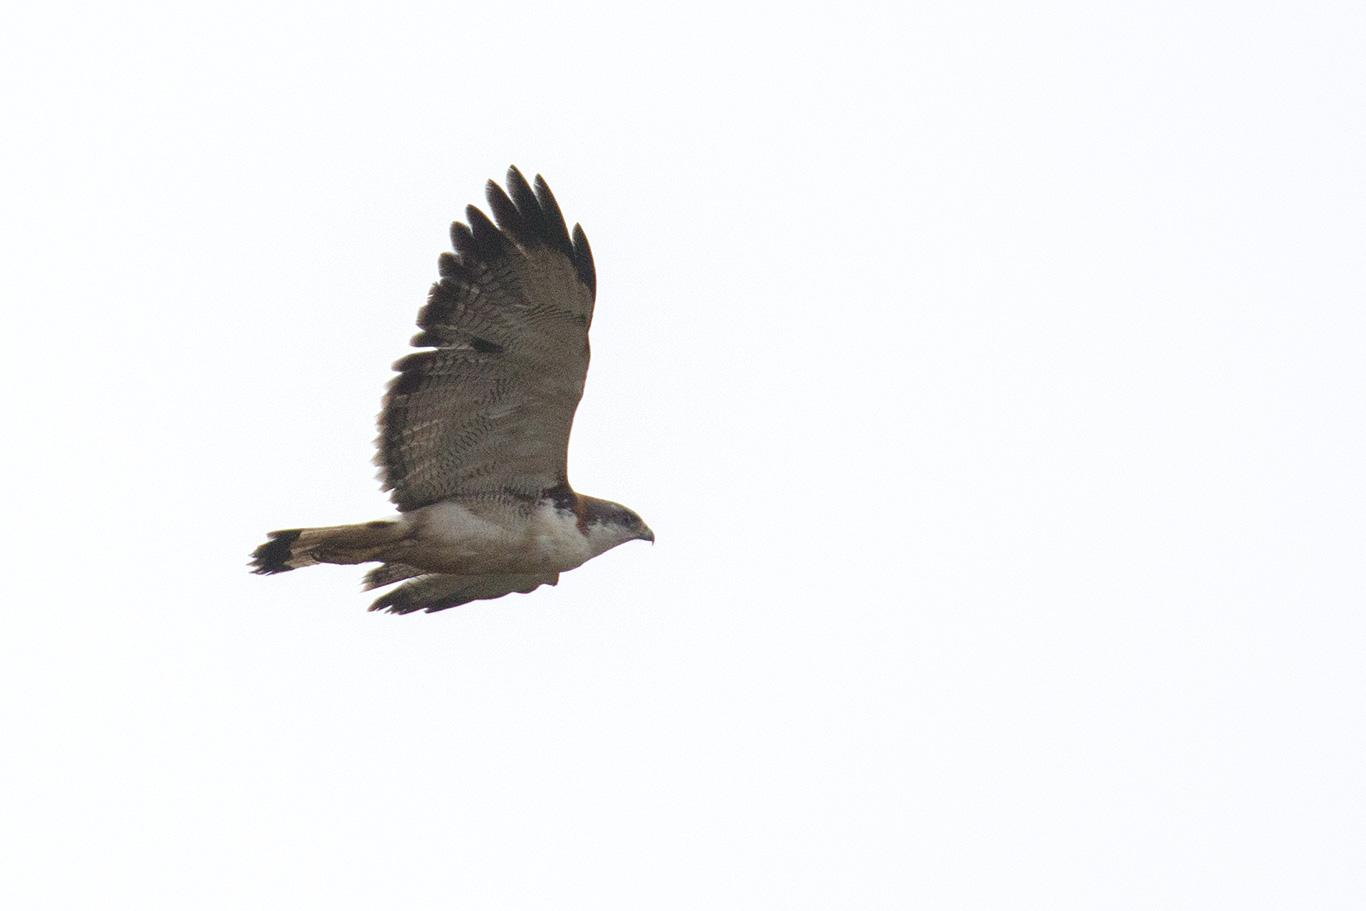 Variable Hawk, Parque Humedal Río Maípo, Chile.